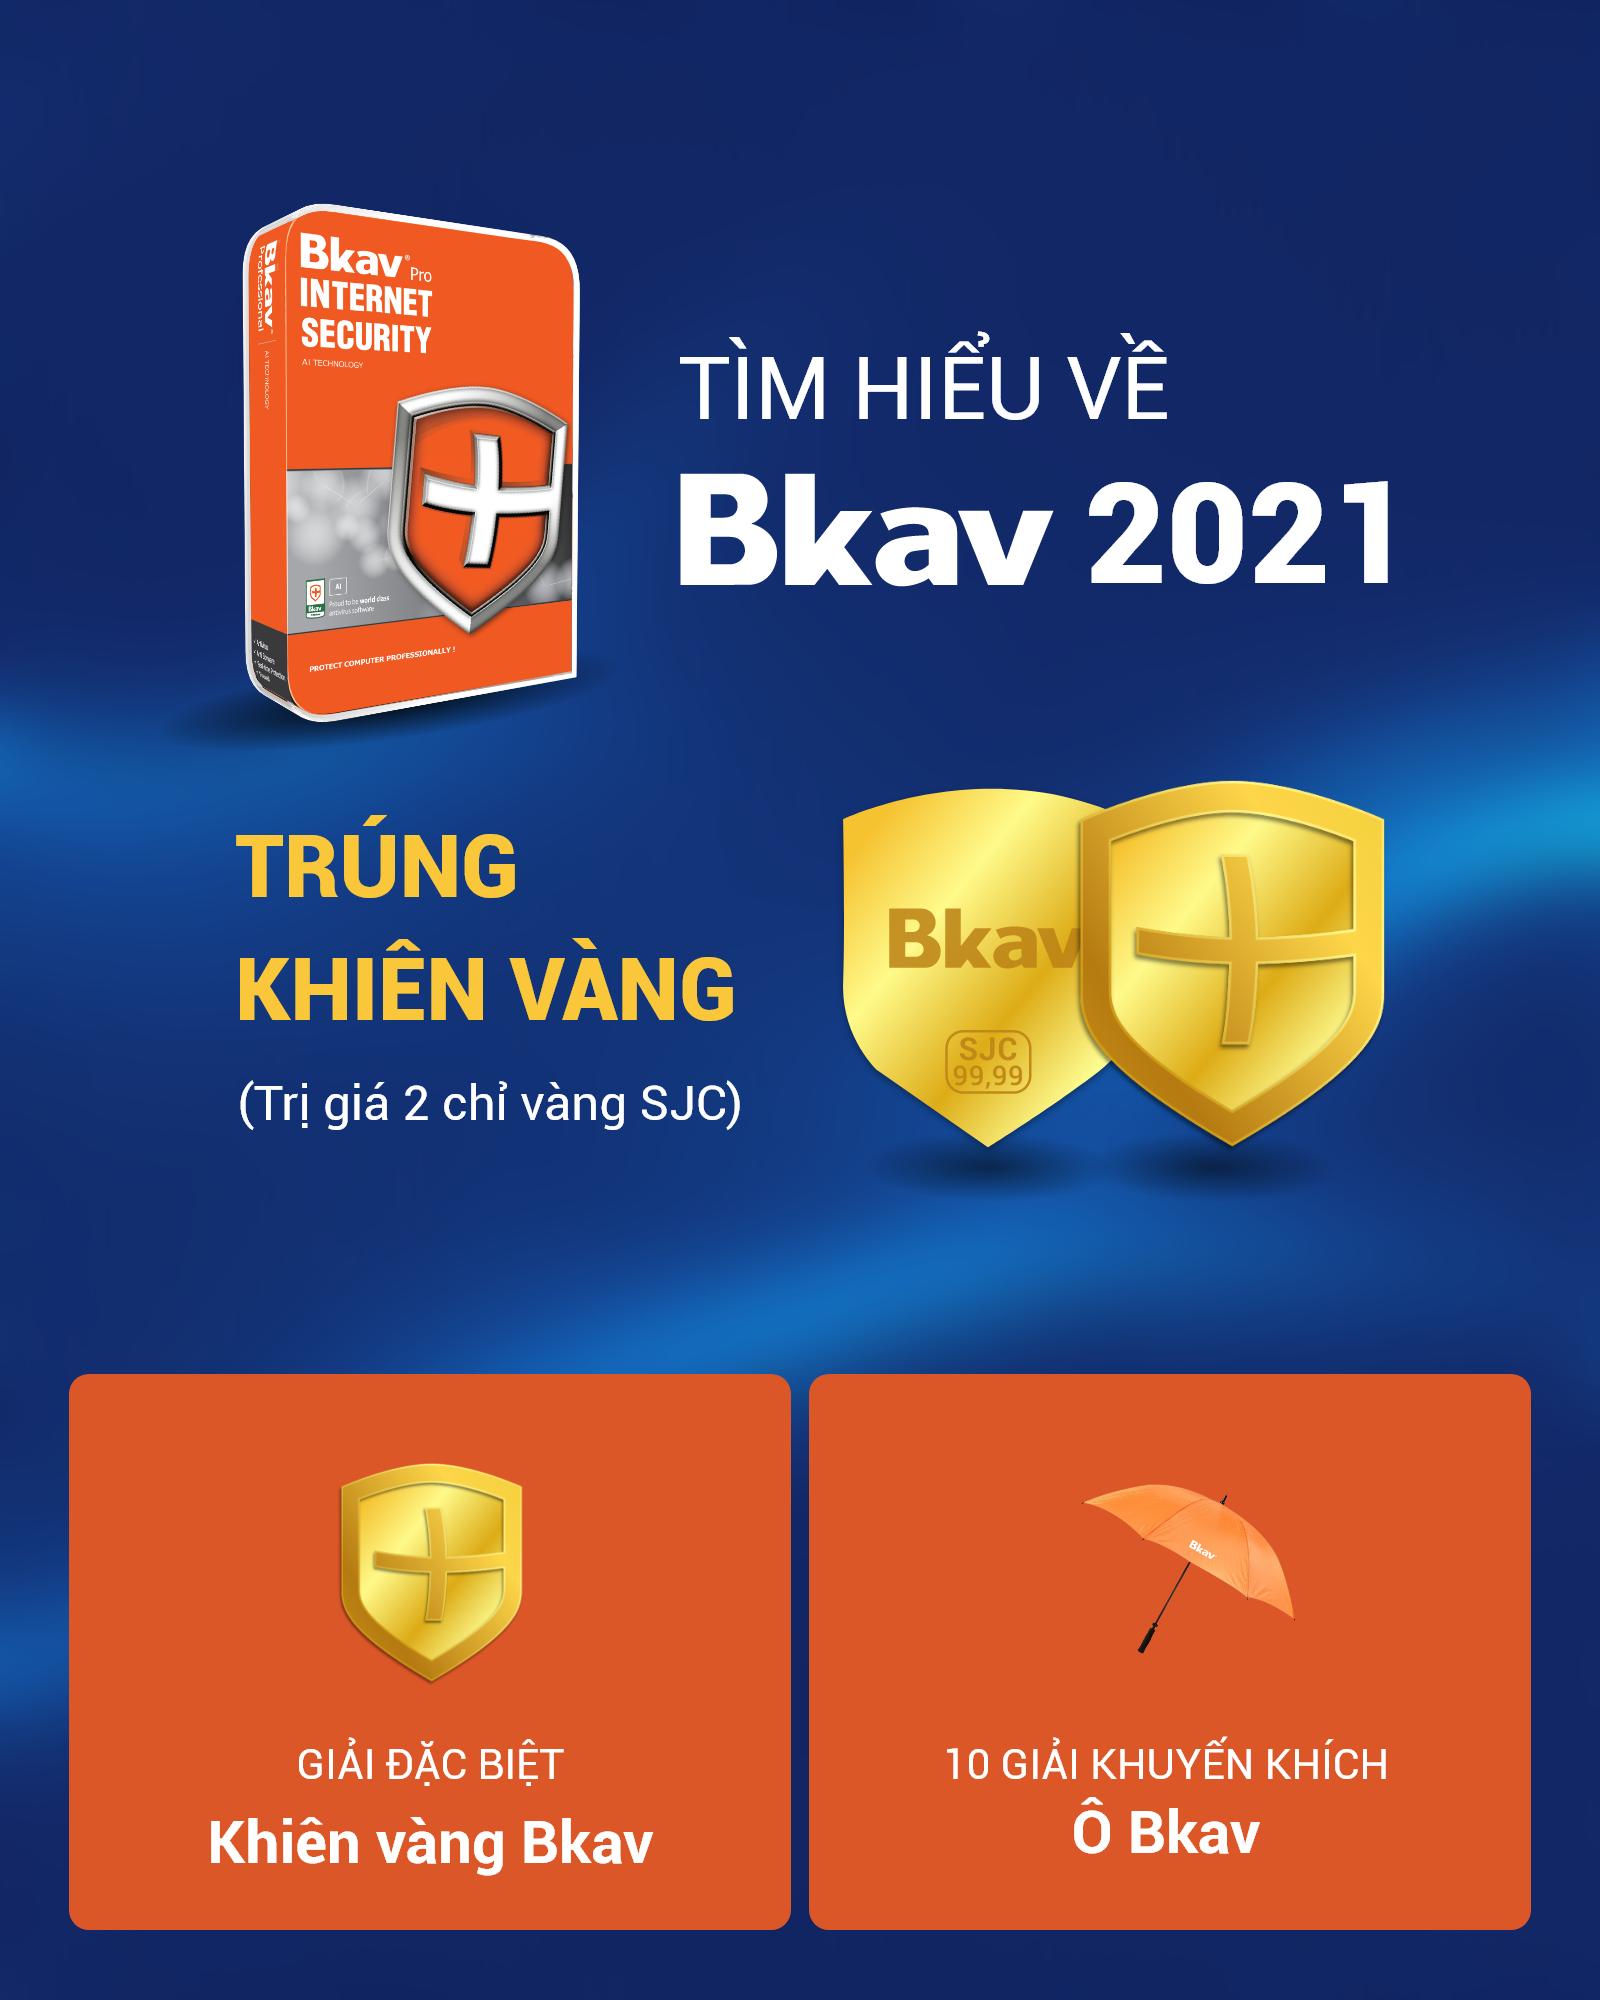 Cập nhật kiến thức phòng chống virus, cơ hội trúng thưởng 2 chỉ vàng SJC